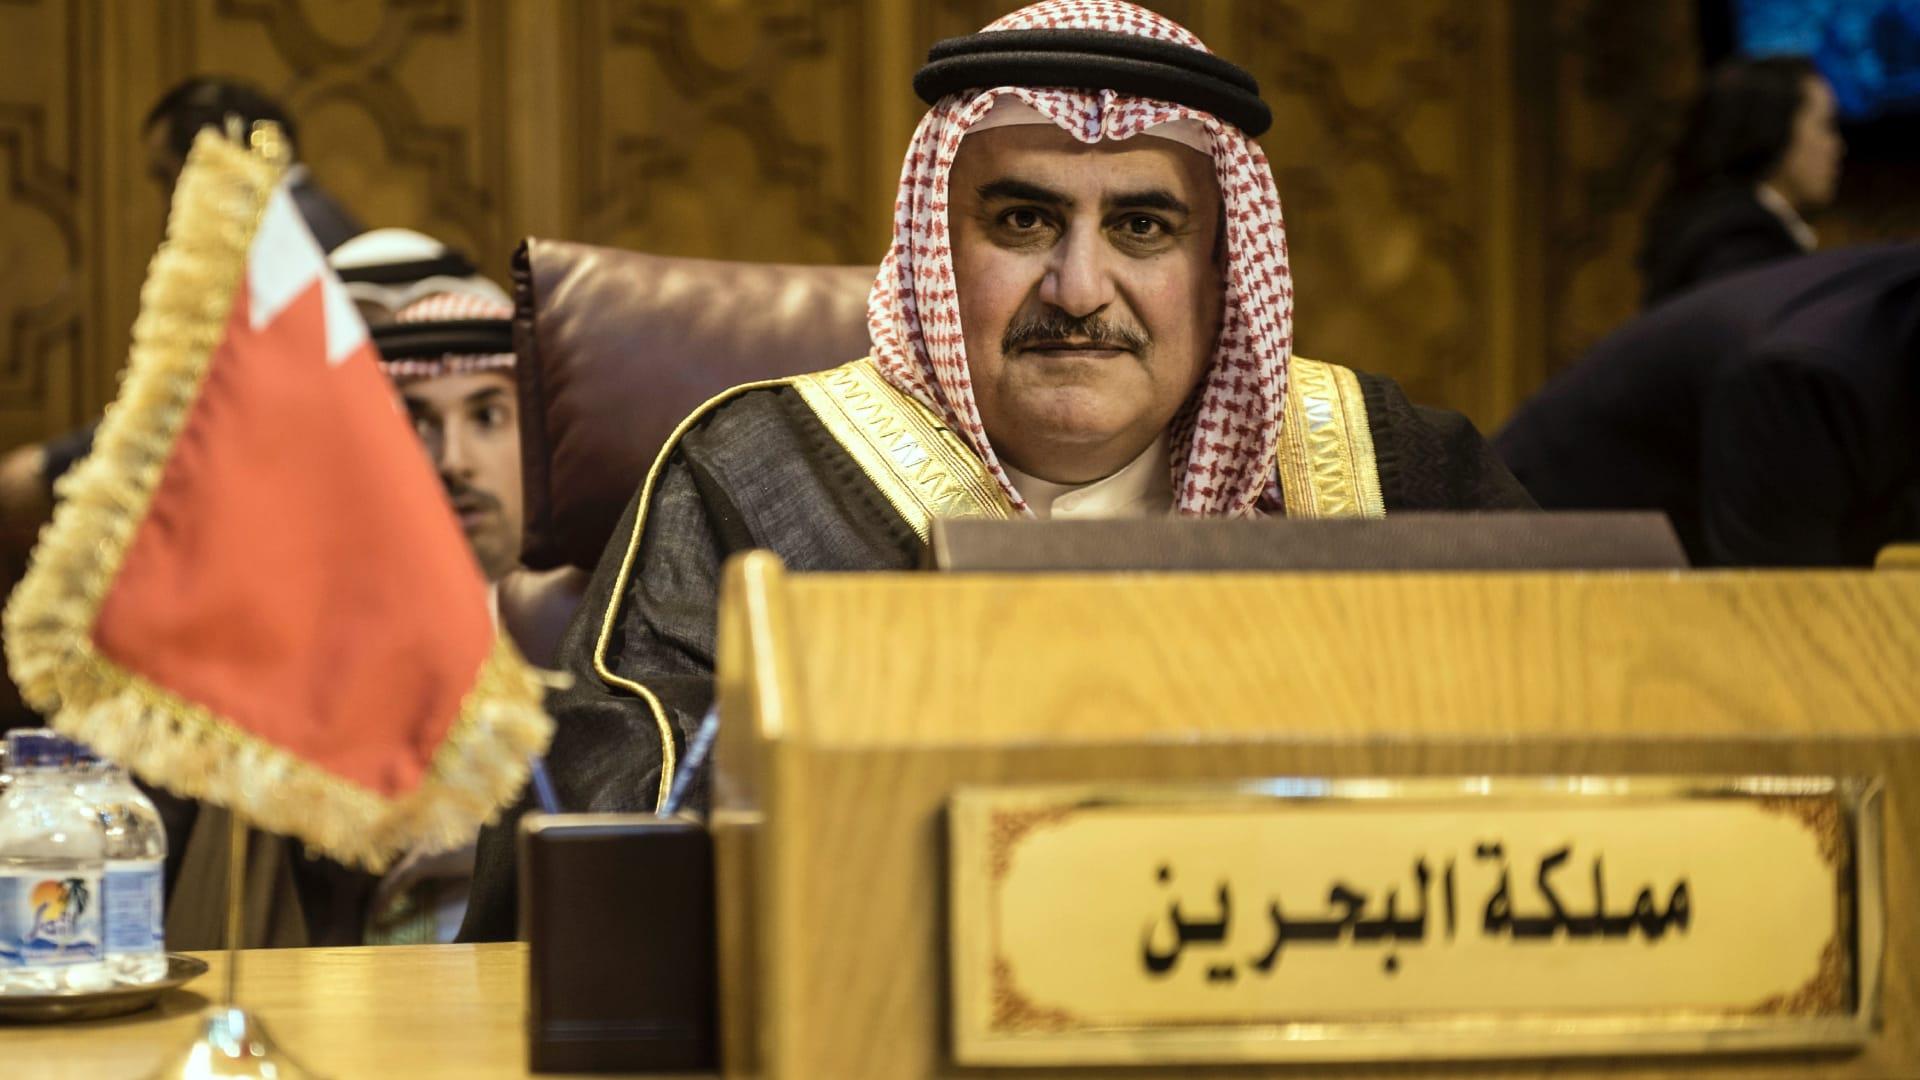 وزير خارجية البحرين عن لقائه بالمعلم: نتعامل مع الدول لا مع من يسقطها